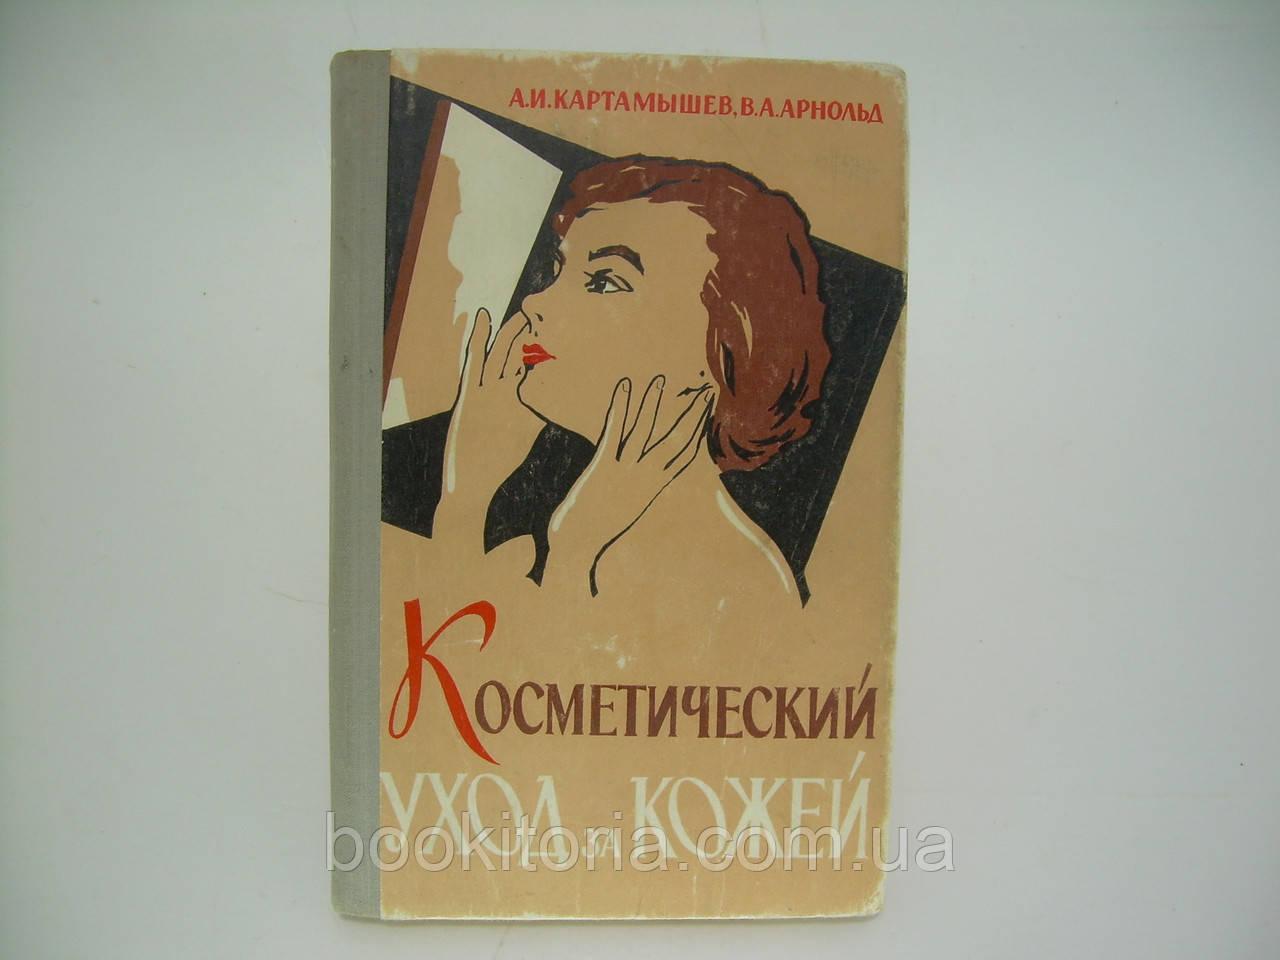 Картамышев А.И., Арнольд В.А. Косметический уход за кожей (б/у).